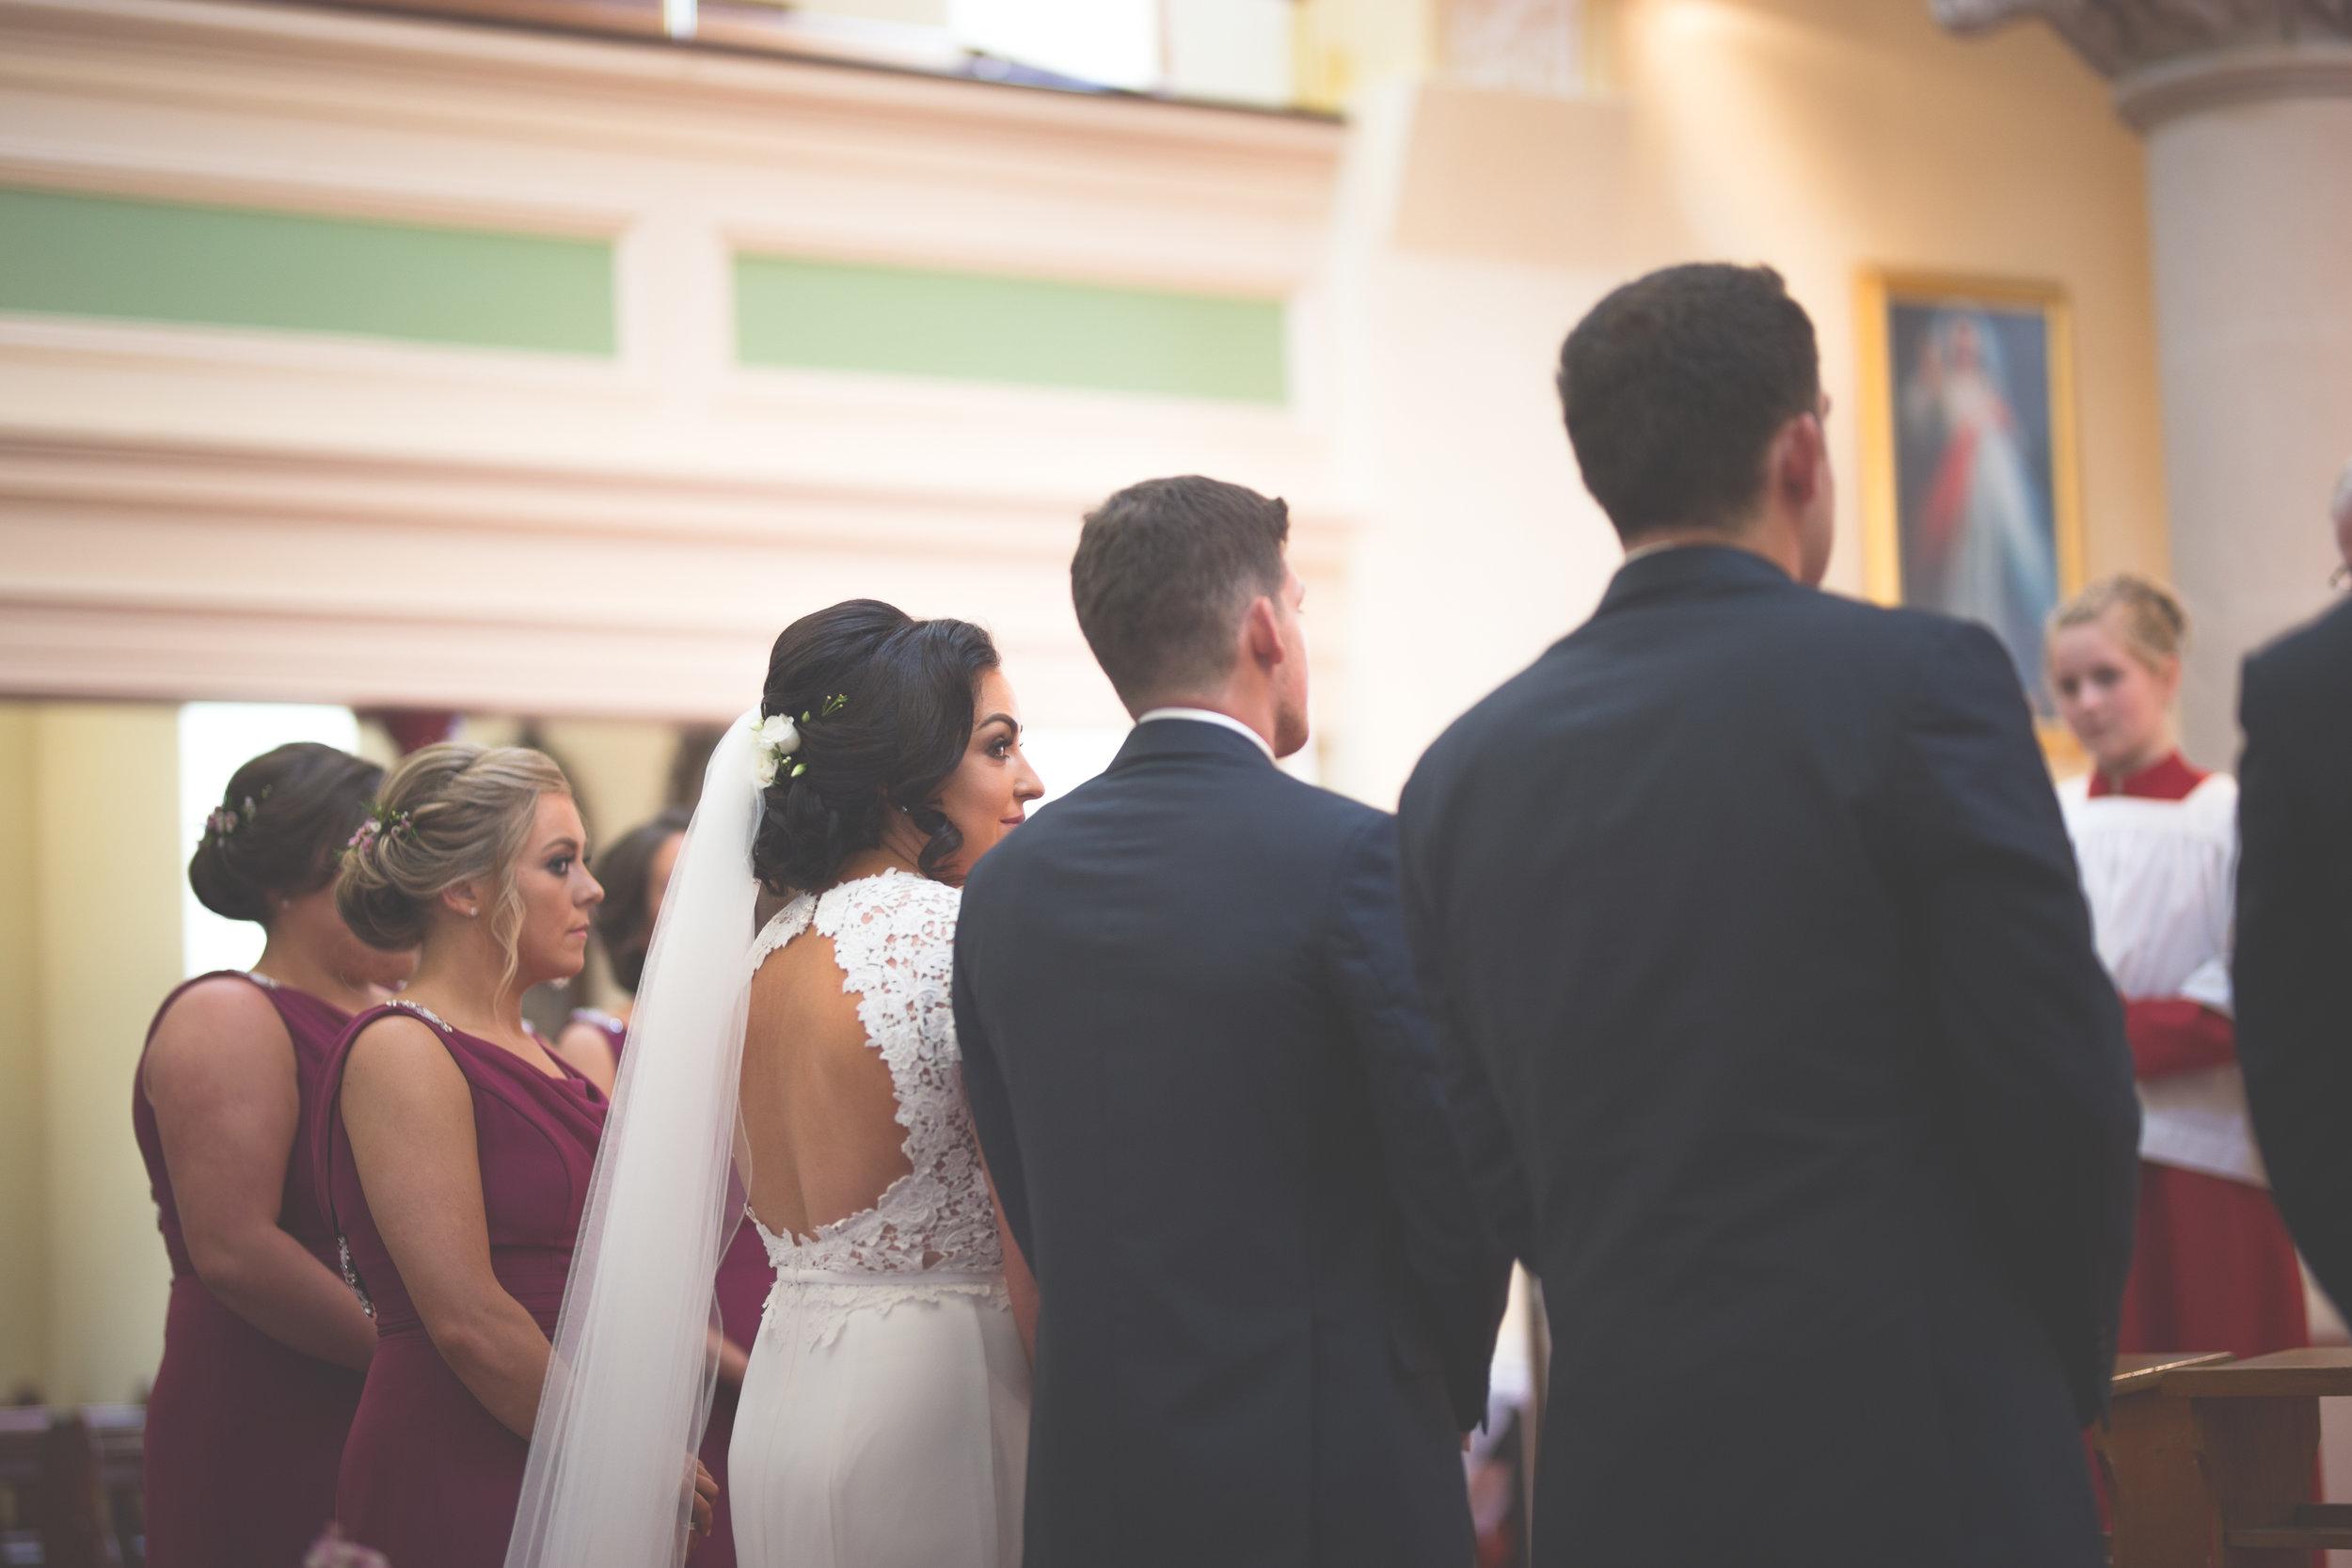 Brian McEwan Wedding Photography   Carol-Anne & Sean   The Ceremony-43.jpg